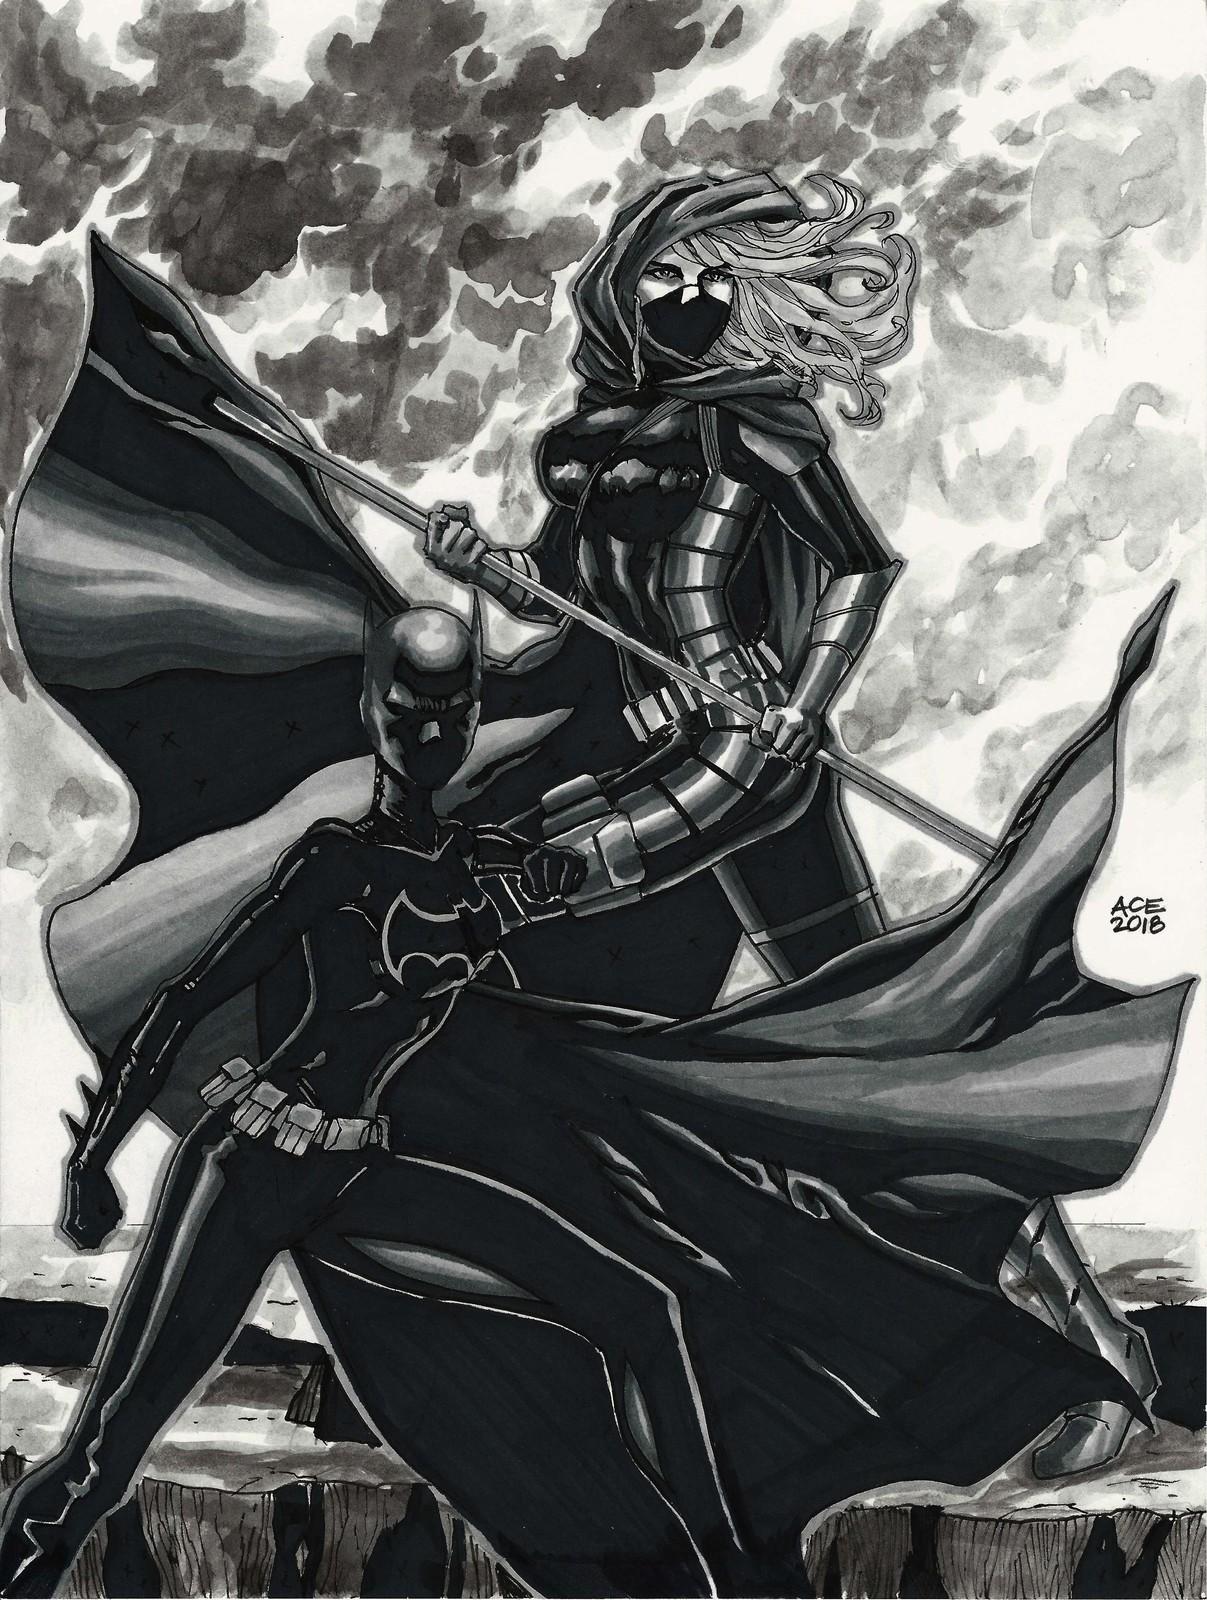 Gotham commission